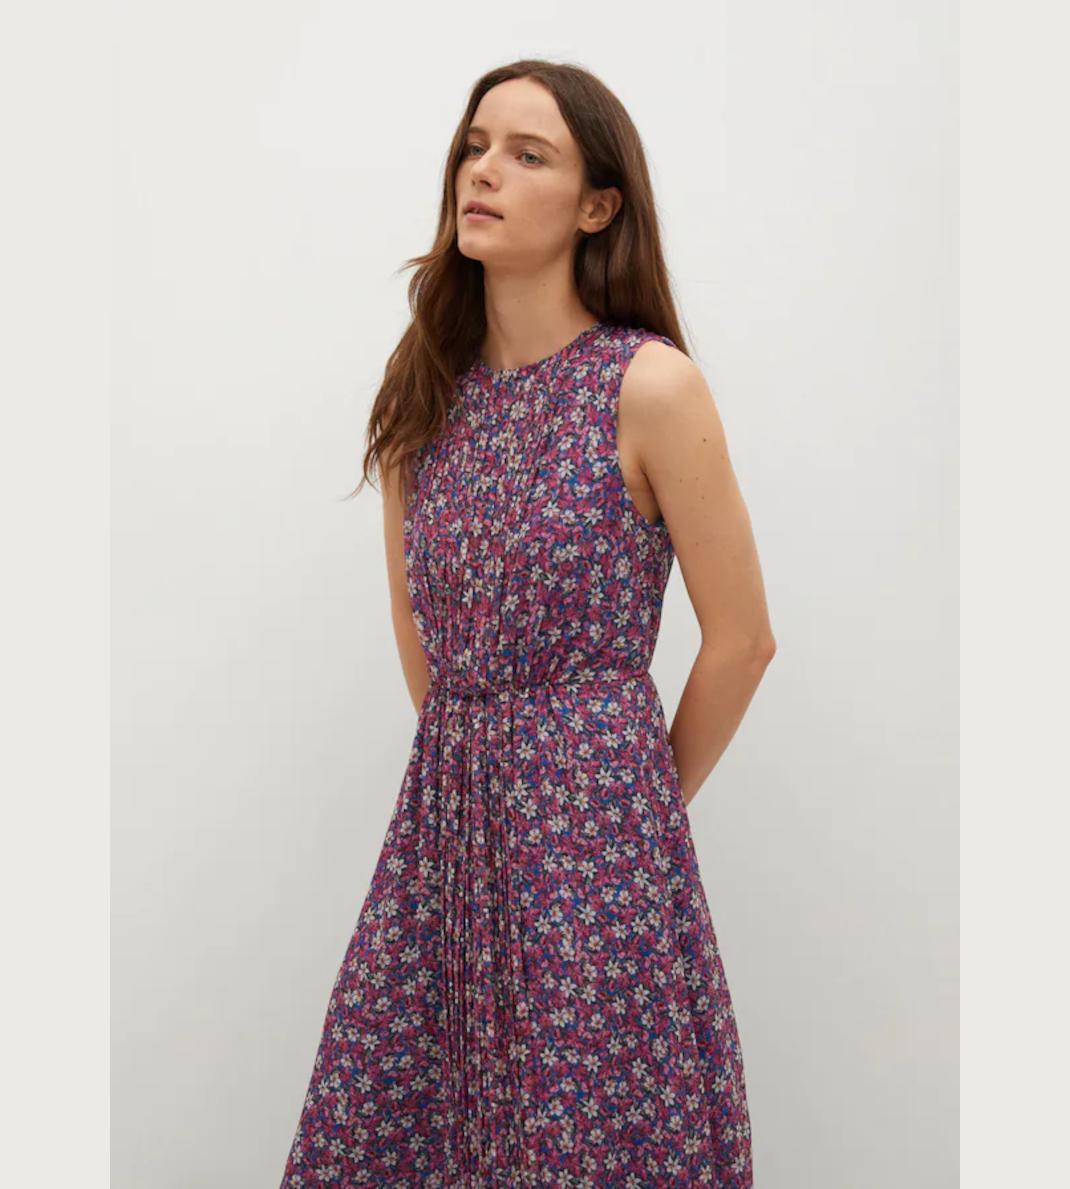 γυναίκα με φόρεμα